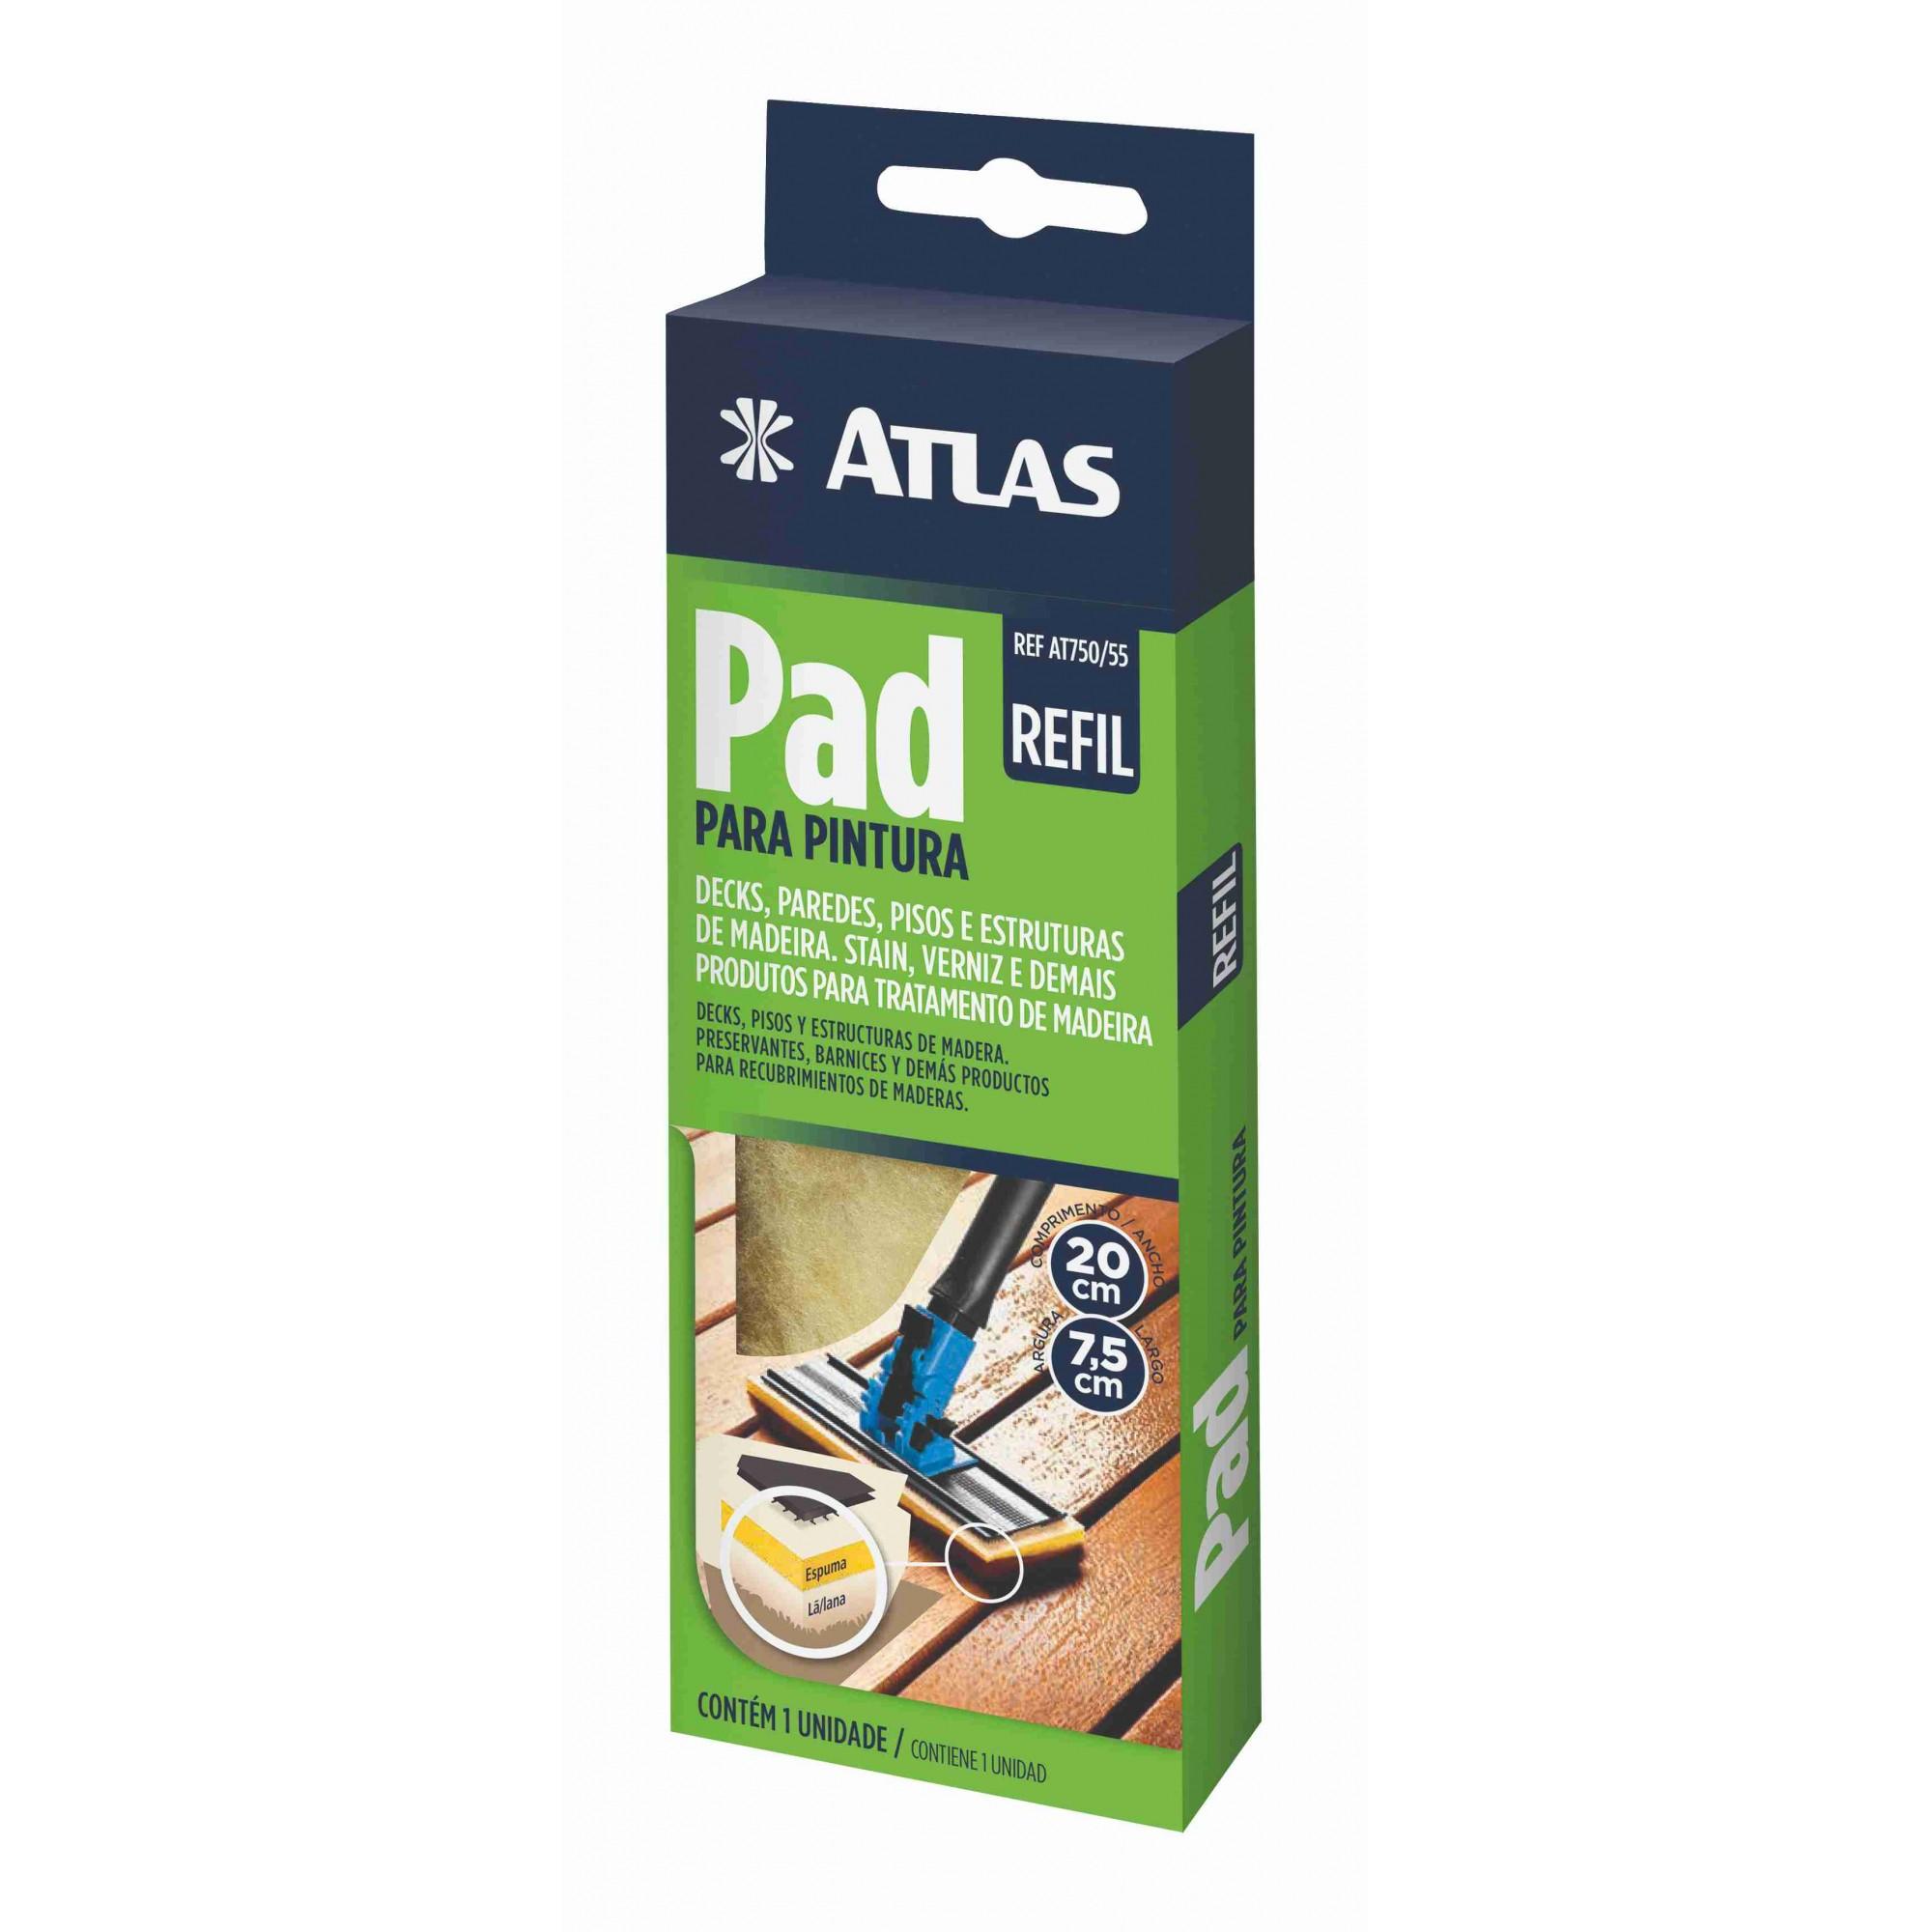 Refil Pad P/ Pintura de Verniz Atlas 750/55.